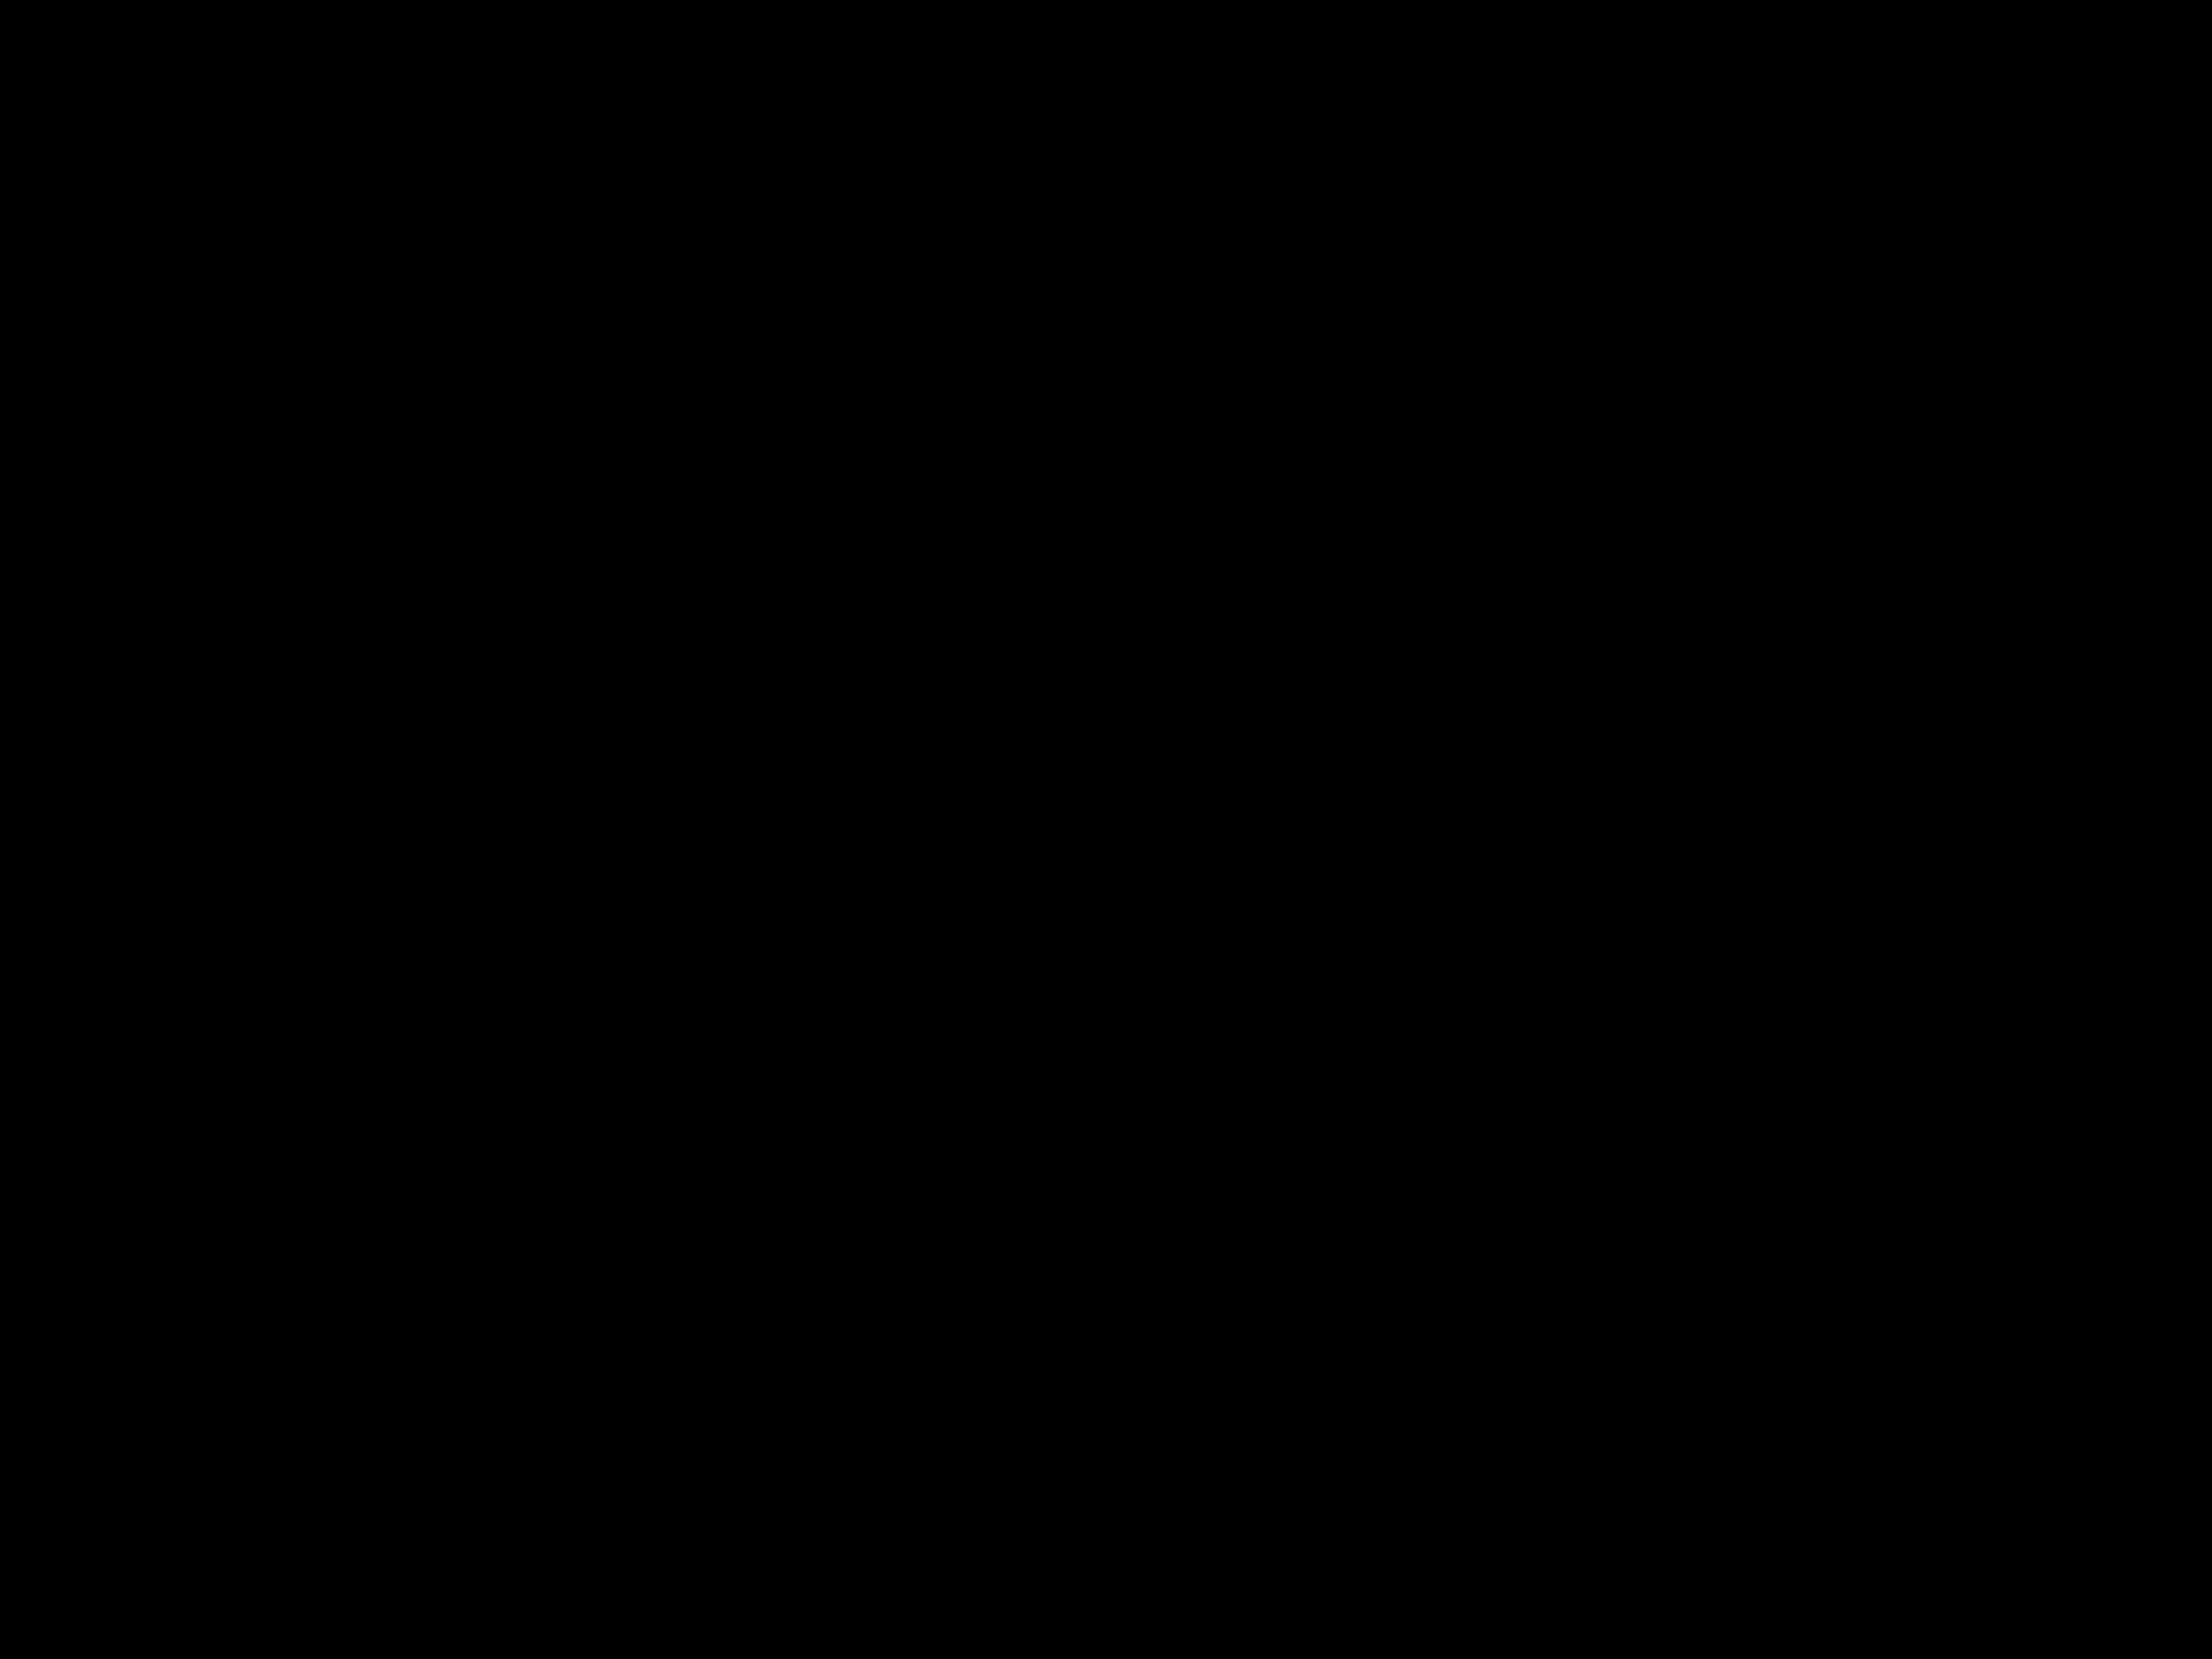 Wochentagsverteilung - Vollzeit